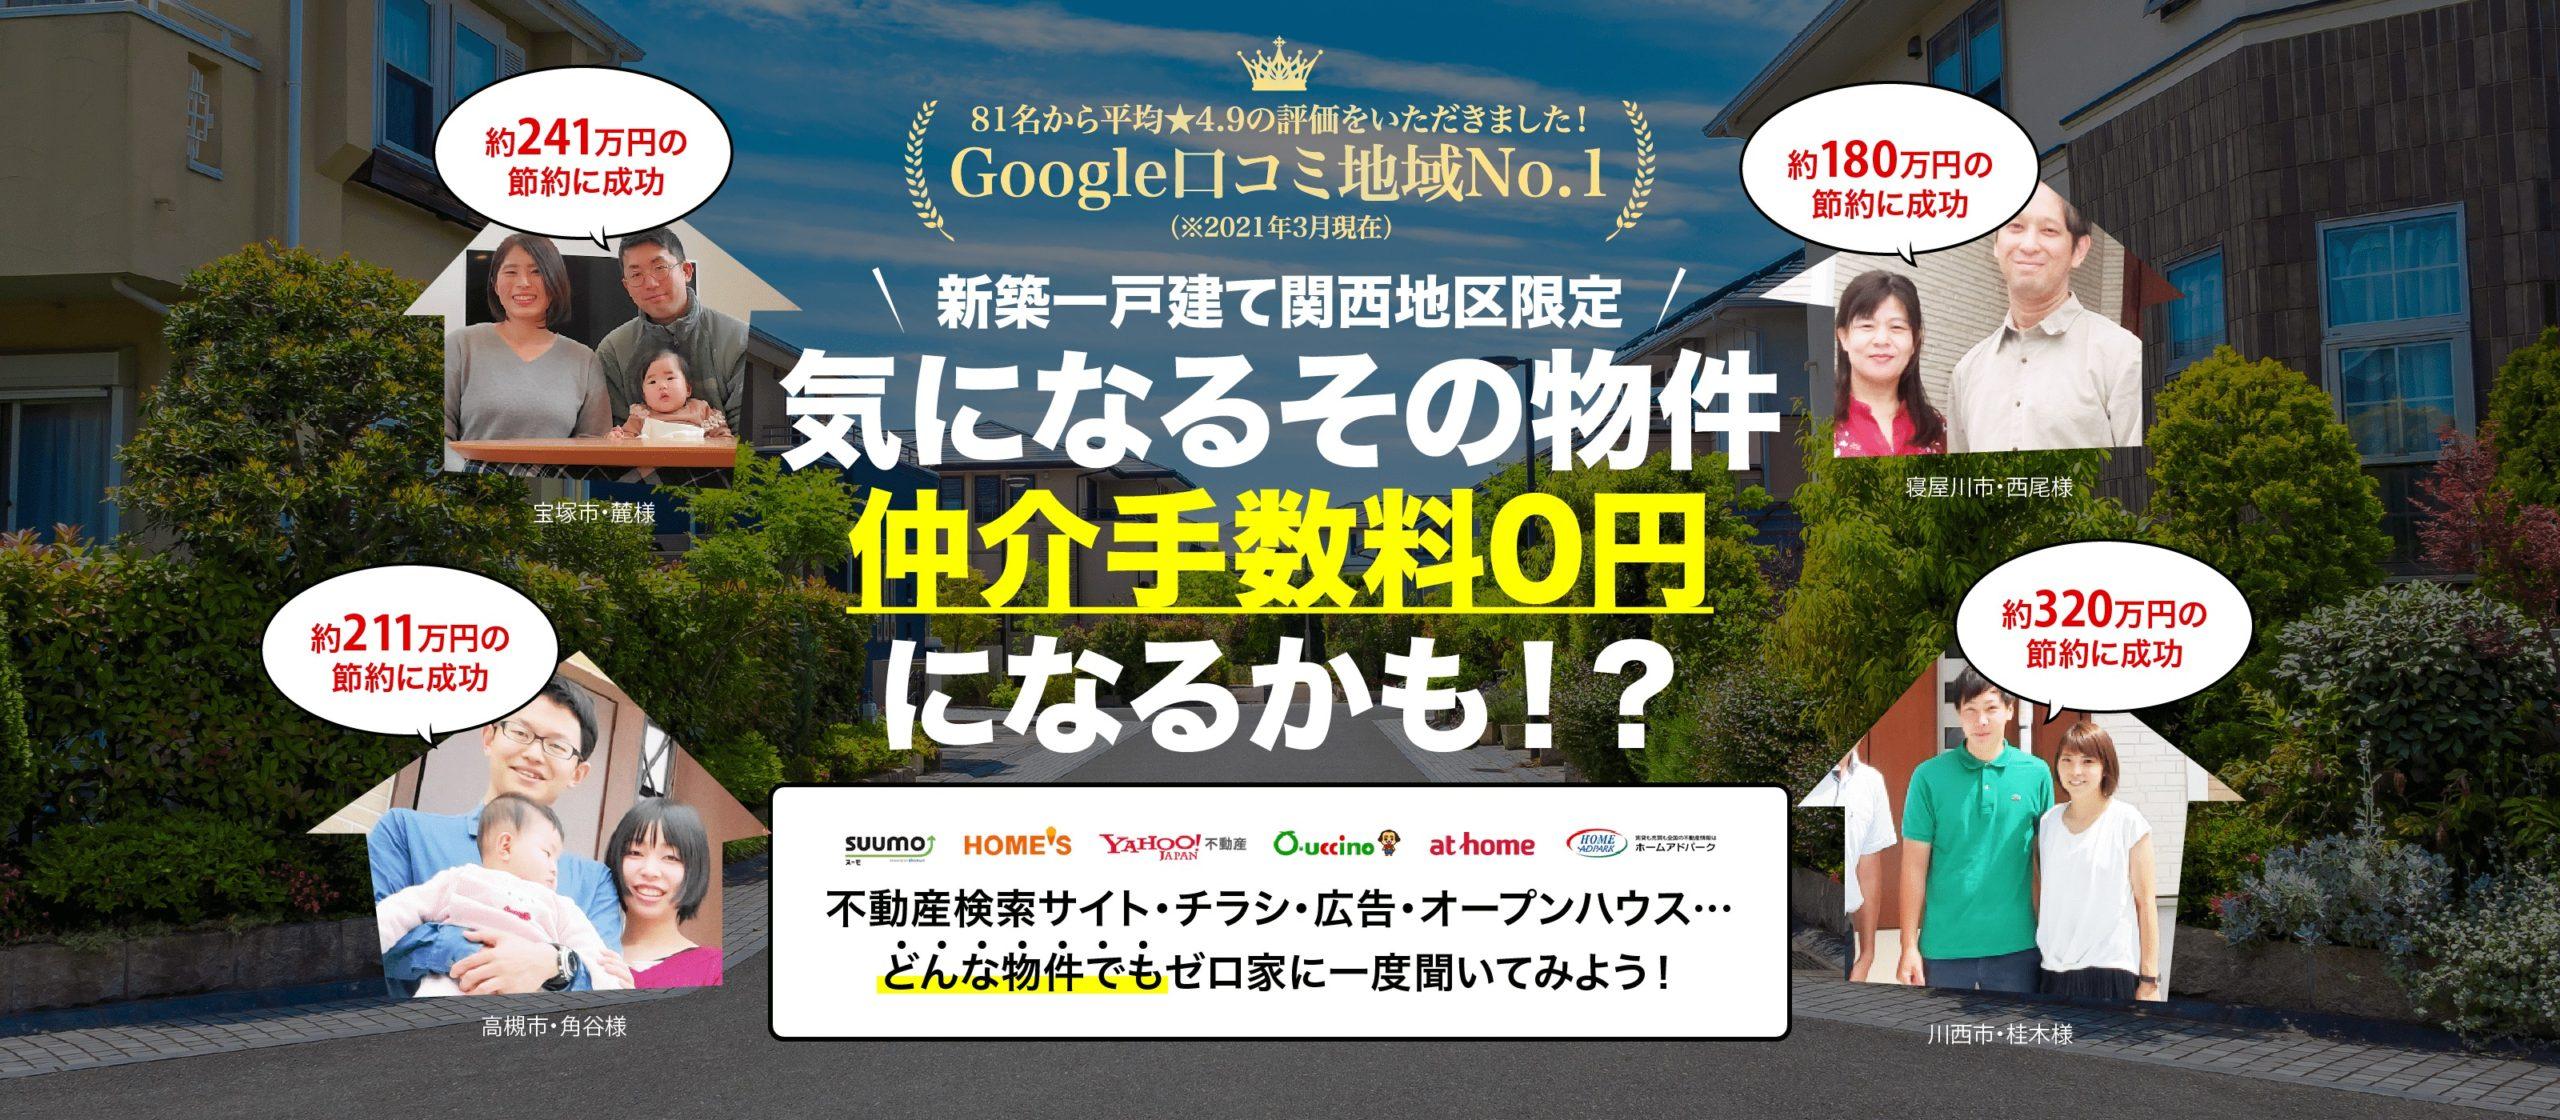 ゼロ家なら池田市の新築一戸建てを仲介手数料無料で購入のPC画像